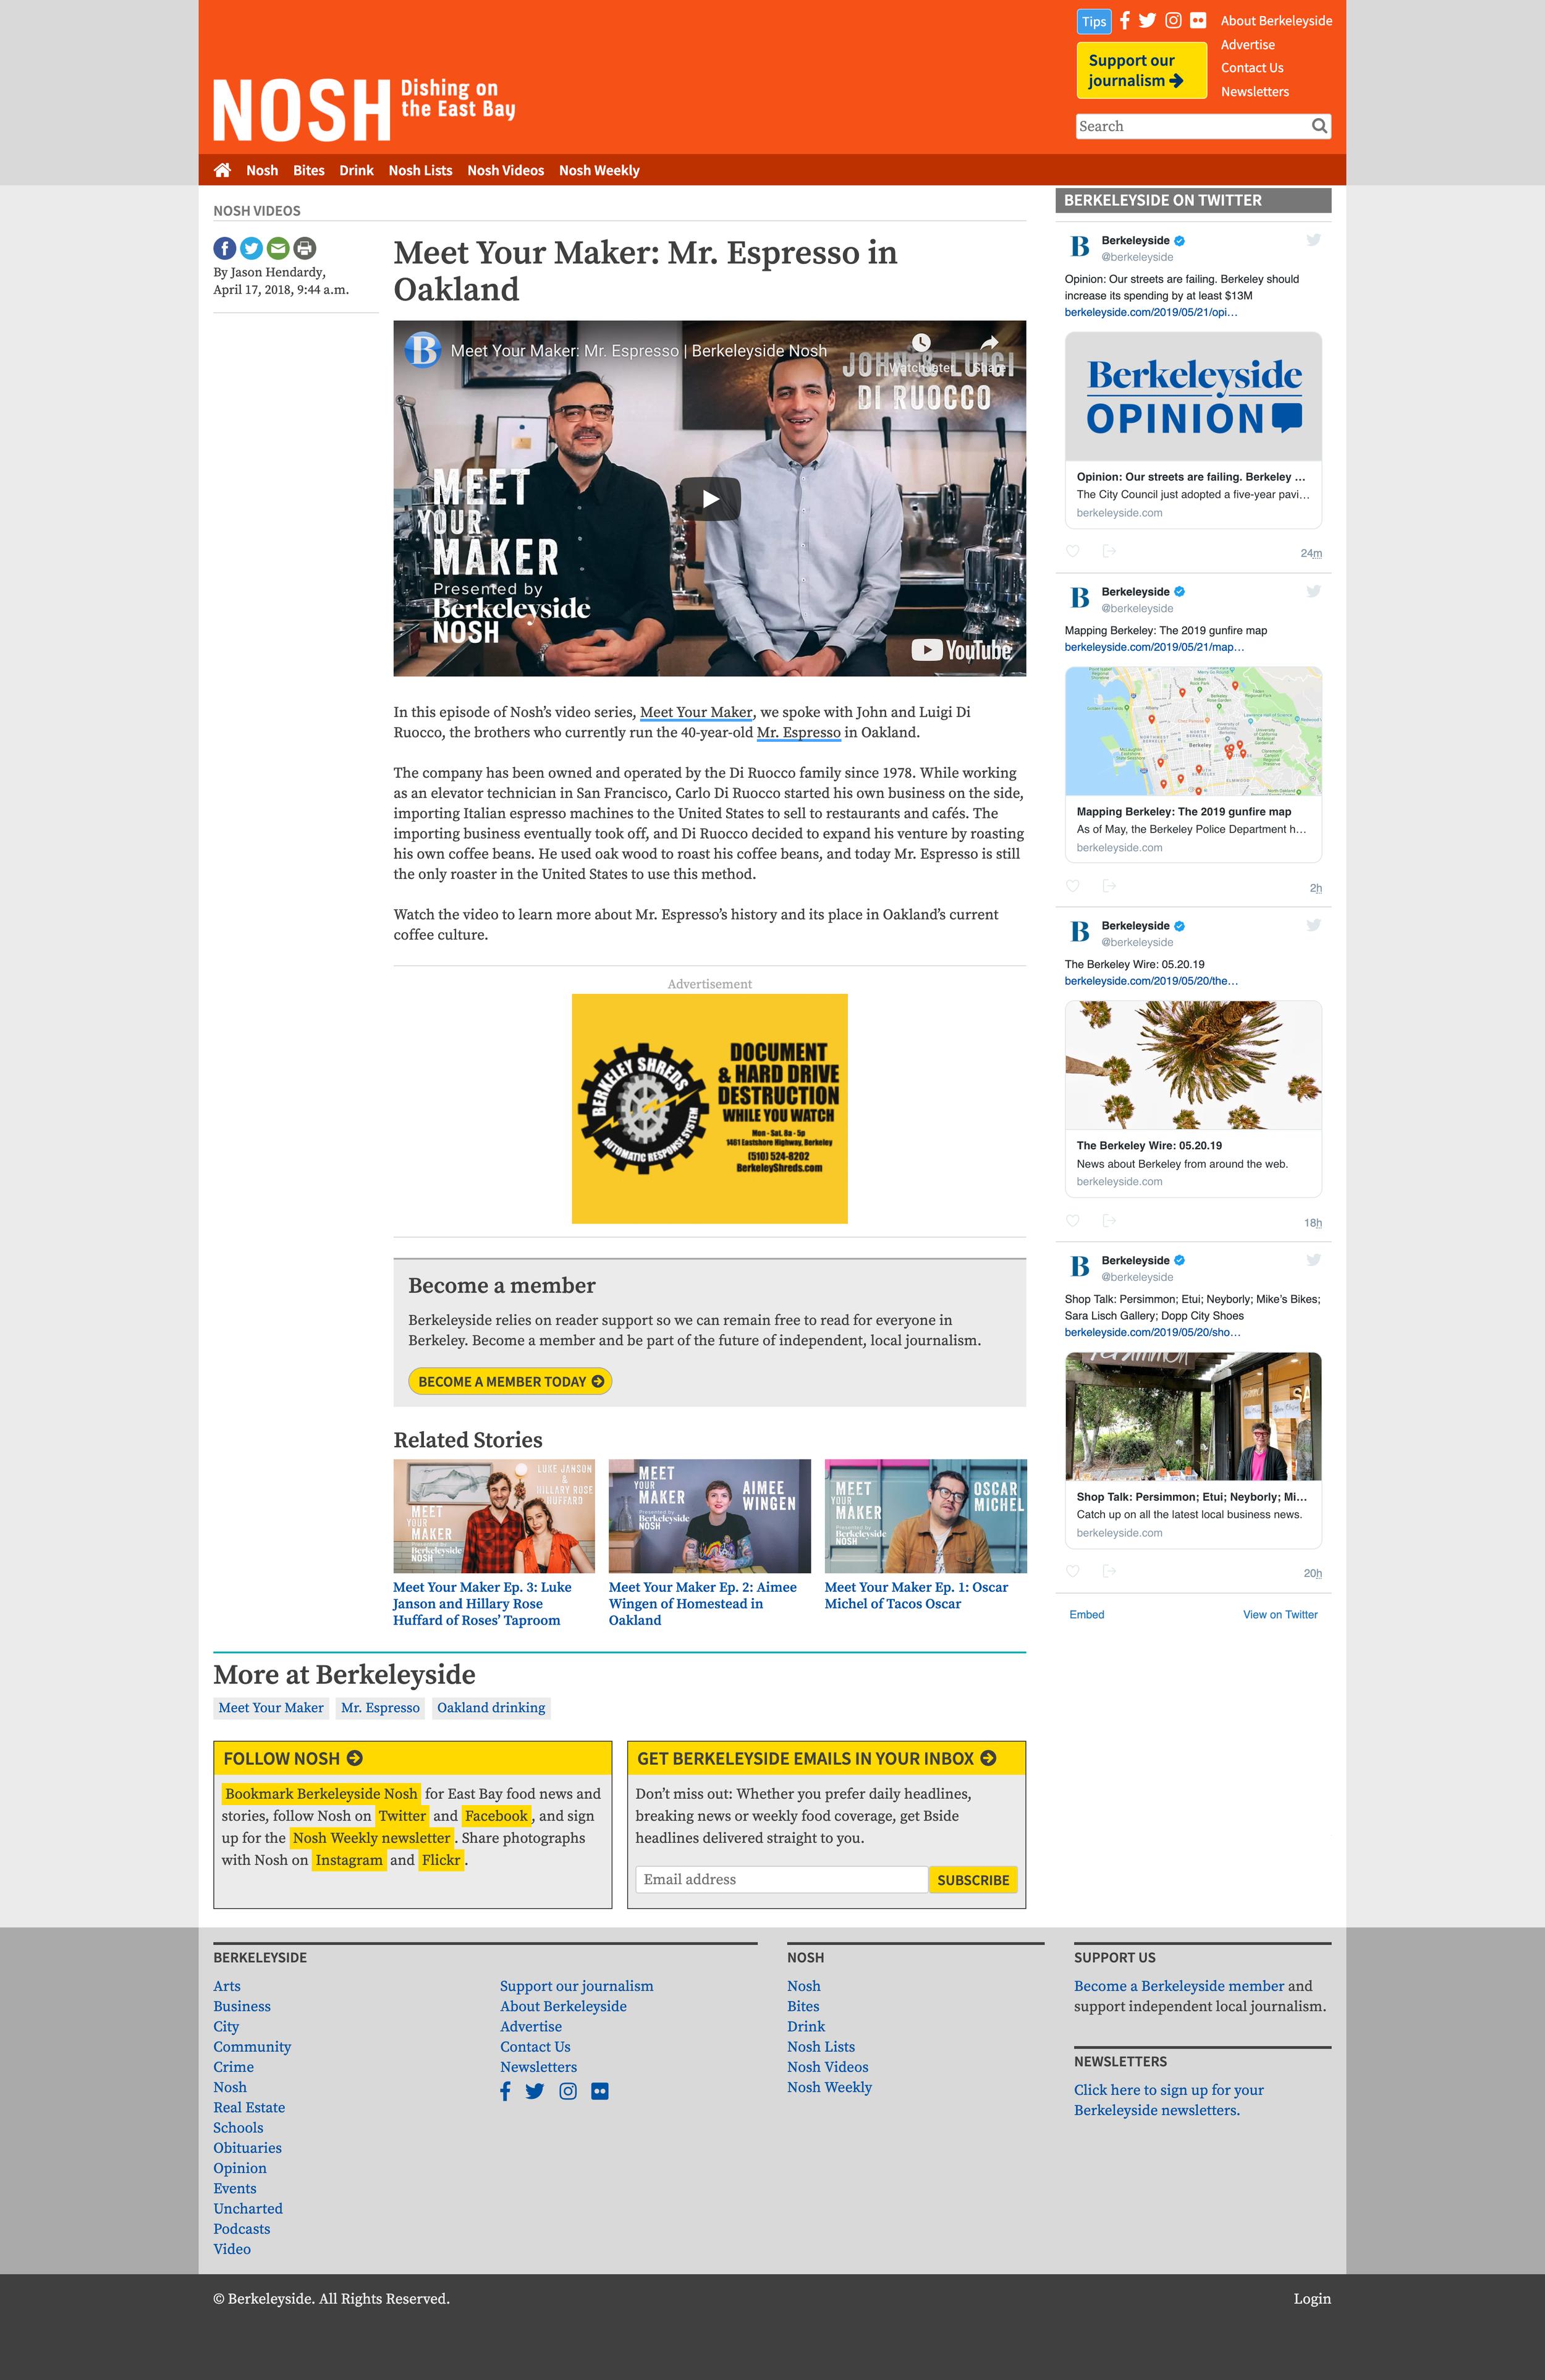 NoshWebsite-MeetYourMaker.png